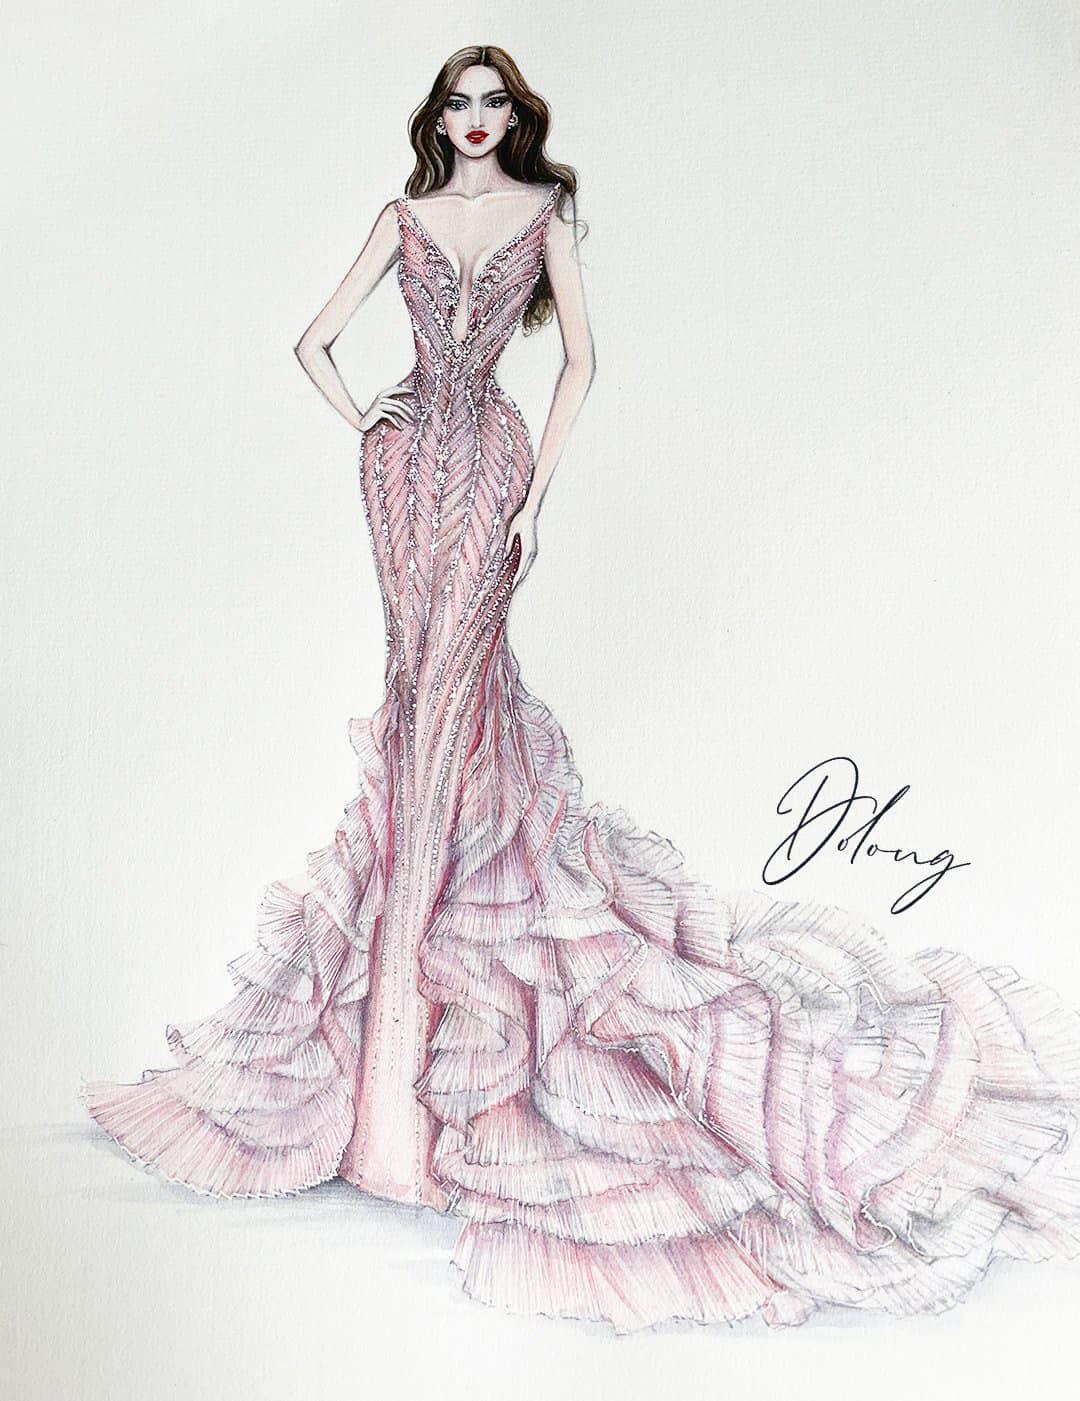 Hé lộ 5 mẫu thiết kế đầm dạ hội của Hoa Hậu Đỗ Thị Hà trong Chung kết Miss World 2021 - Ảnh 3.